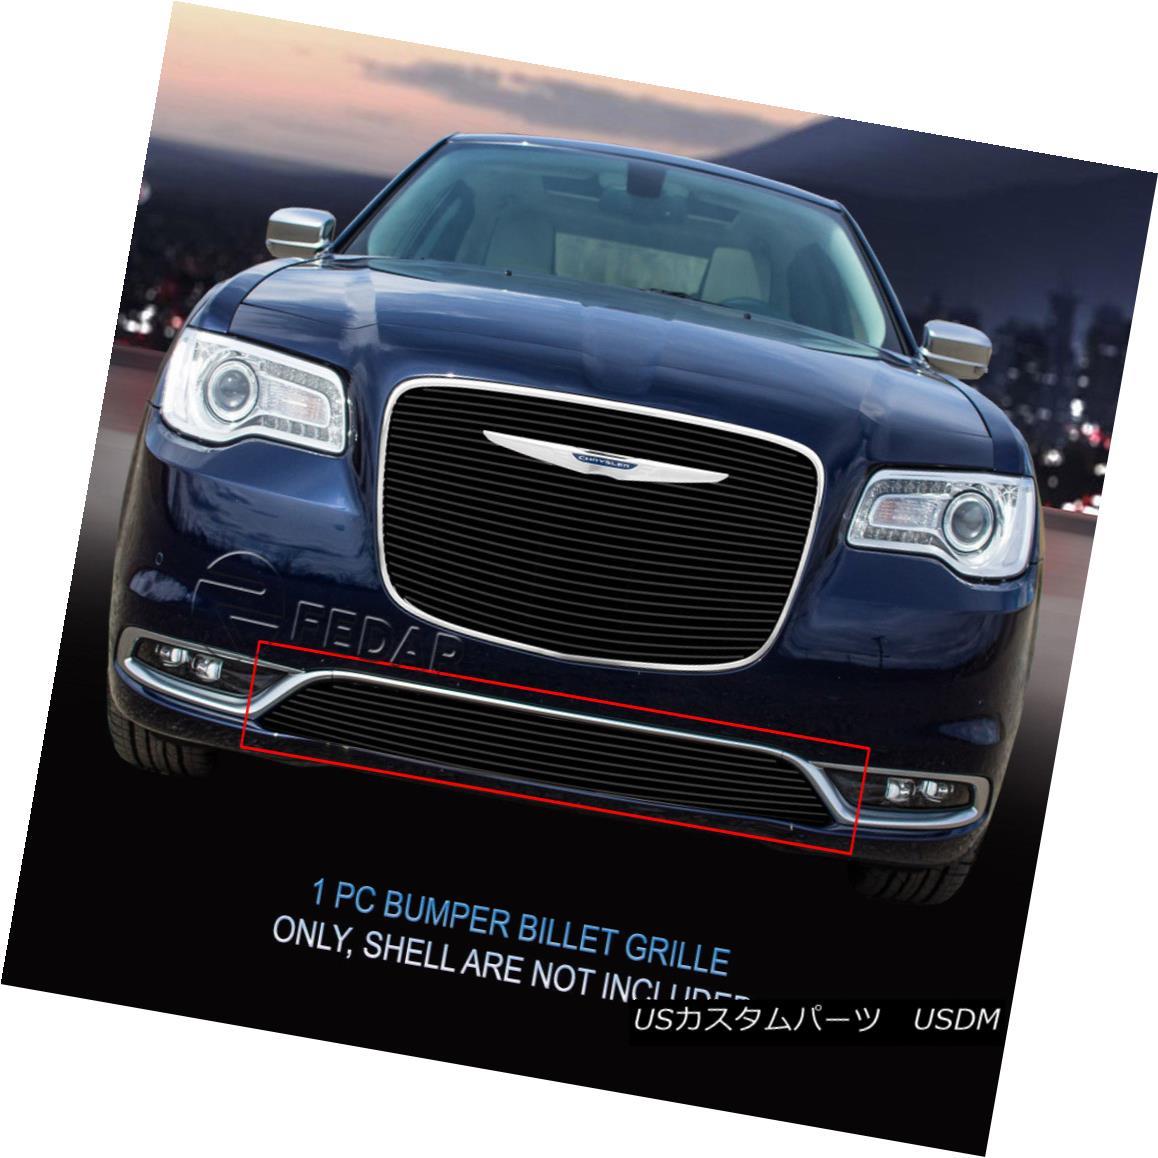 グリル Fedar Fits 2015-2016 Chrysler 300 Black Replacement Bumper Billet Grille Insert Fedar Fitting 2015-2016 Chrysler 300 Black Replacement Bumperビレットグリルインサート